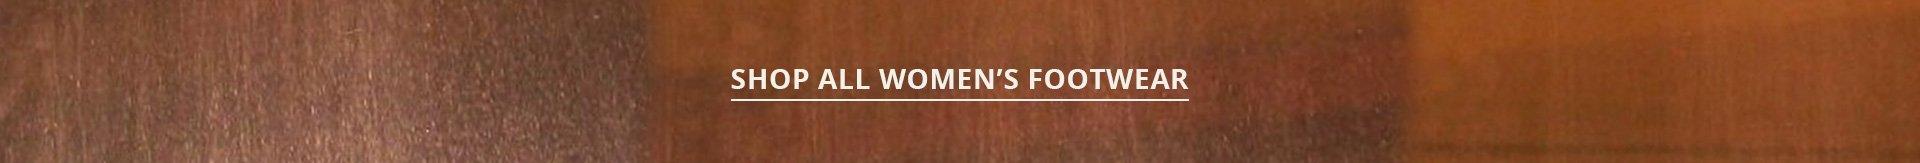 Shop All Women's Footwear